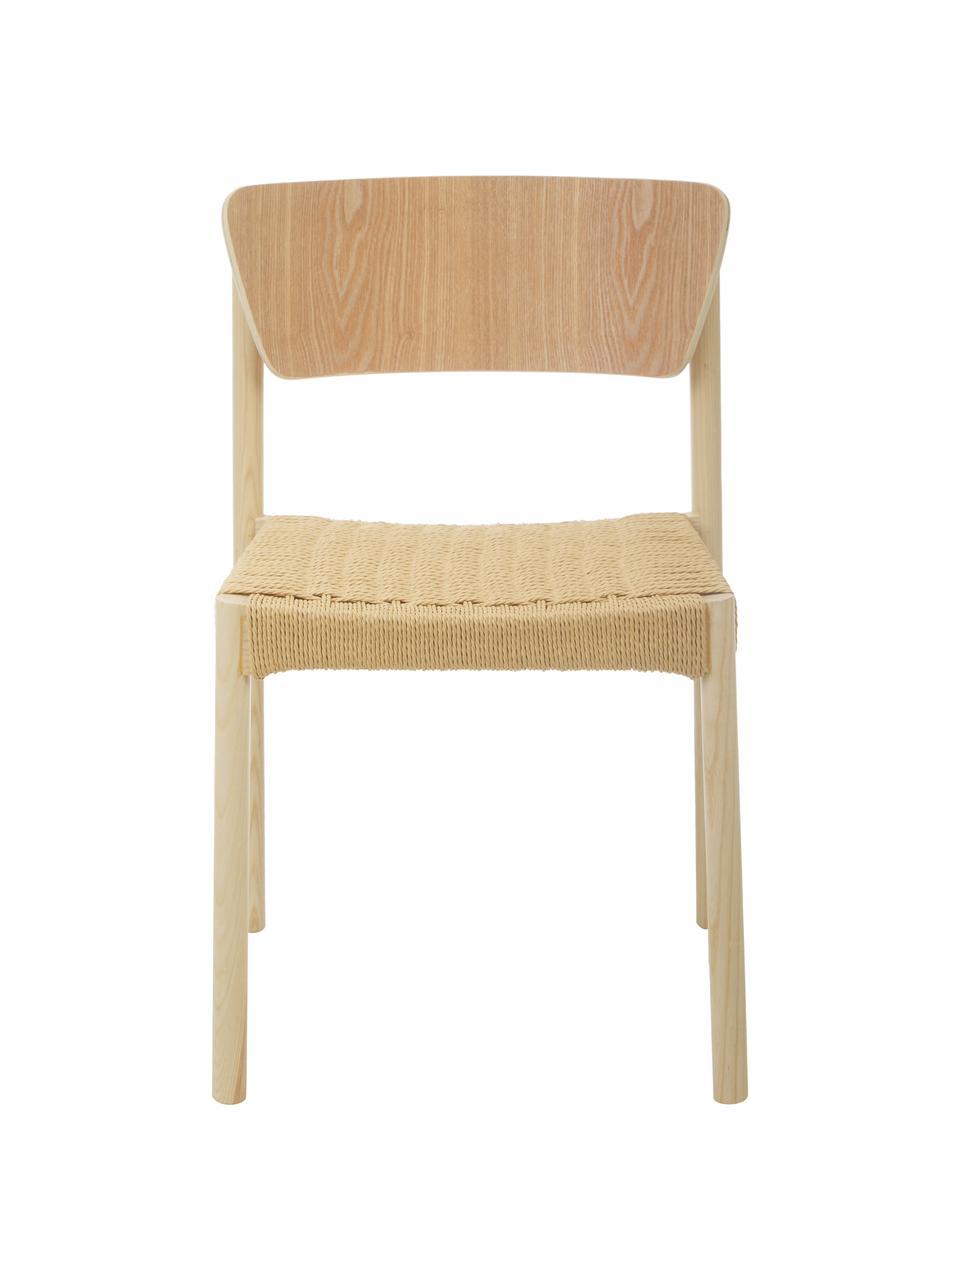 Holzstühle Danny mit Rattan-Sitzfläche, 2 Stück, Gestell: Massives Buchenholz, Sitzfläche: Papierrattan, Rückenlehne: Schichtholz mit Eschenfur, Helles Holz, B 52 x T 51 cm